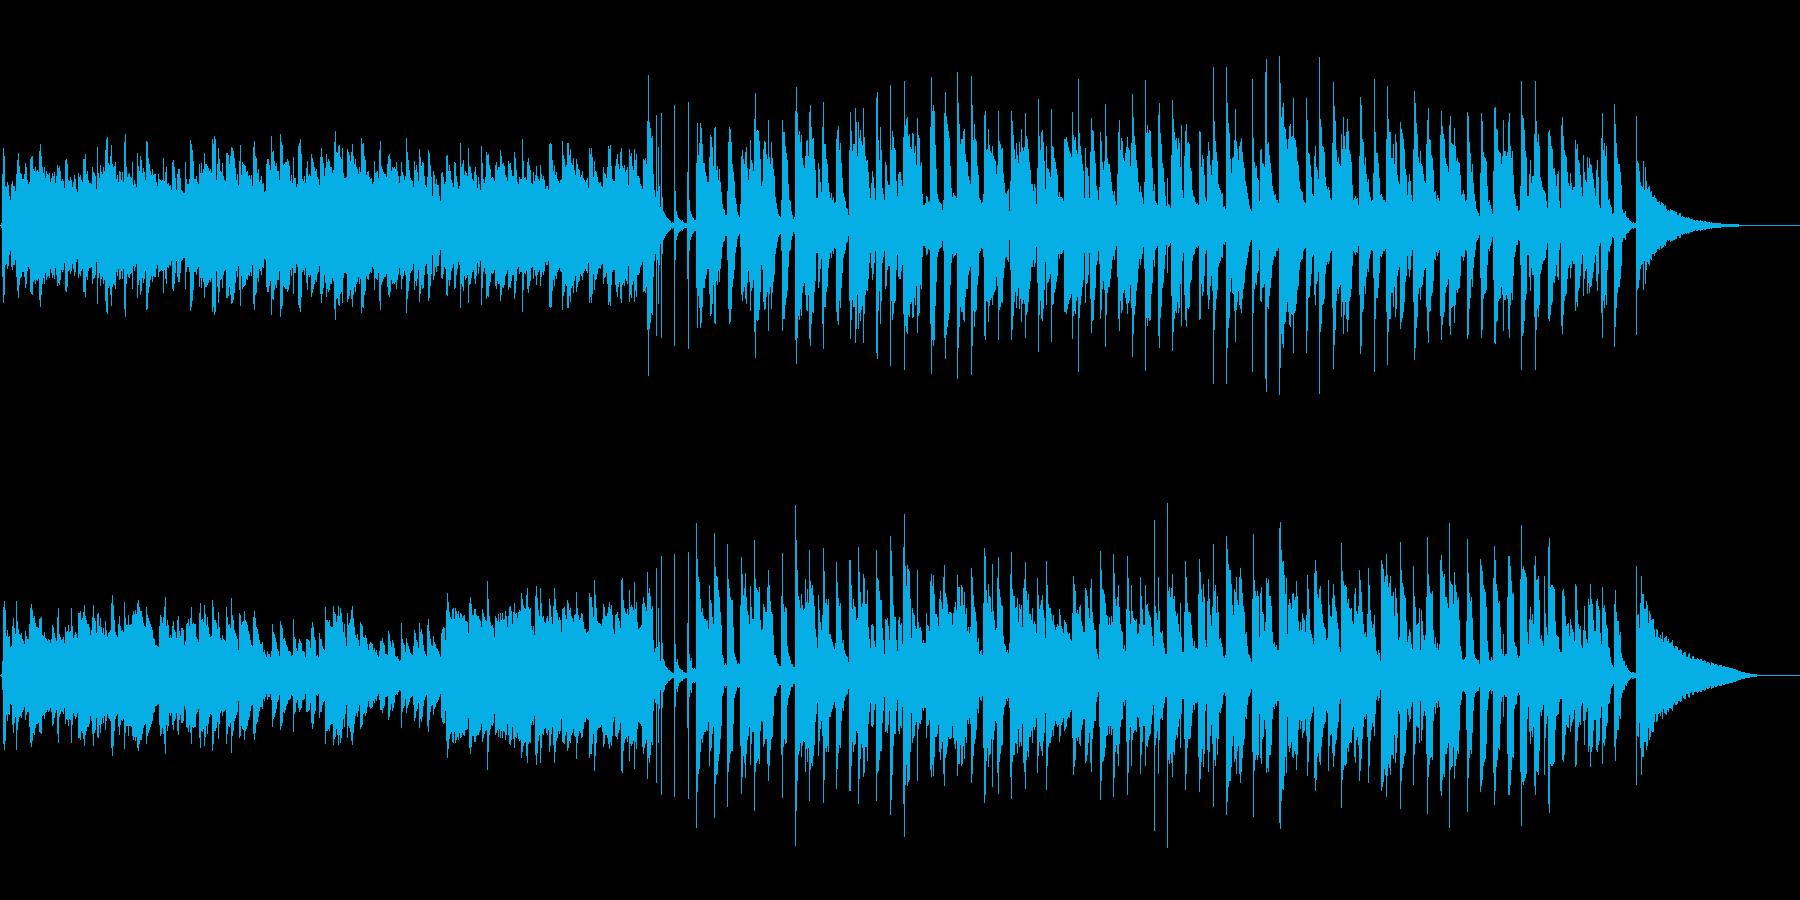 優しい音色のアコースティクギター生演奏の再生済みの波形